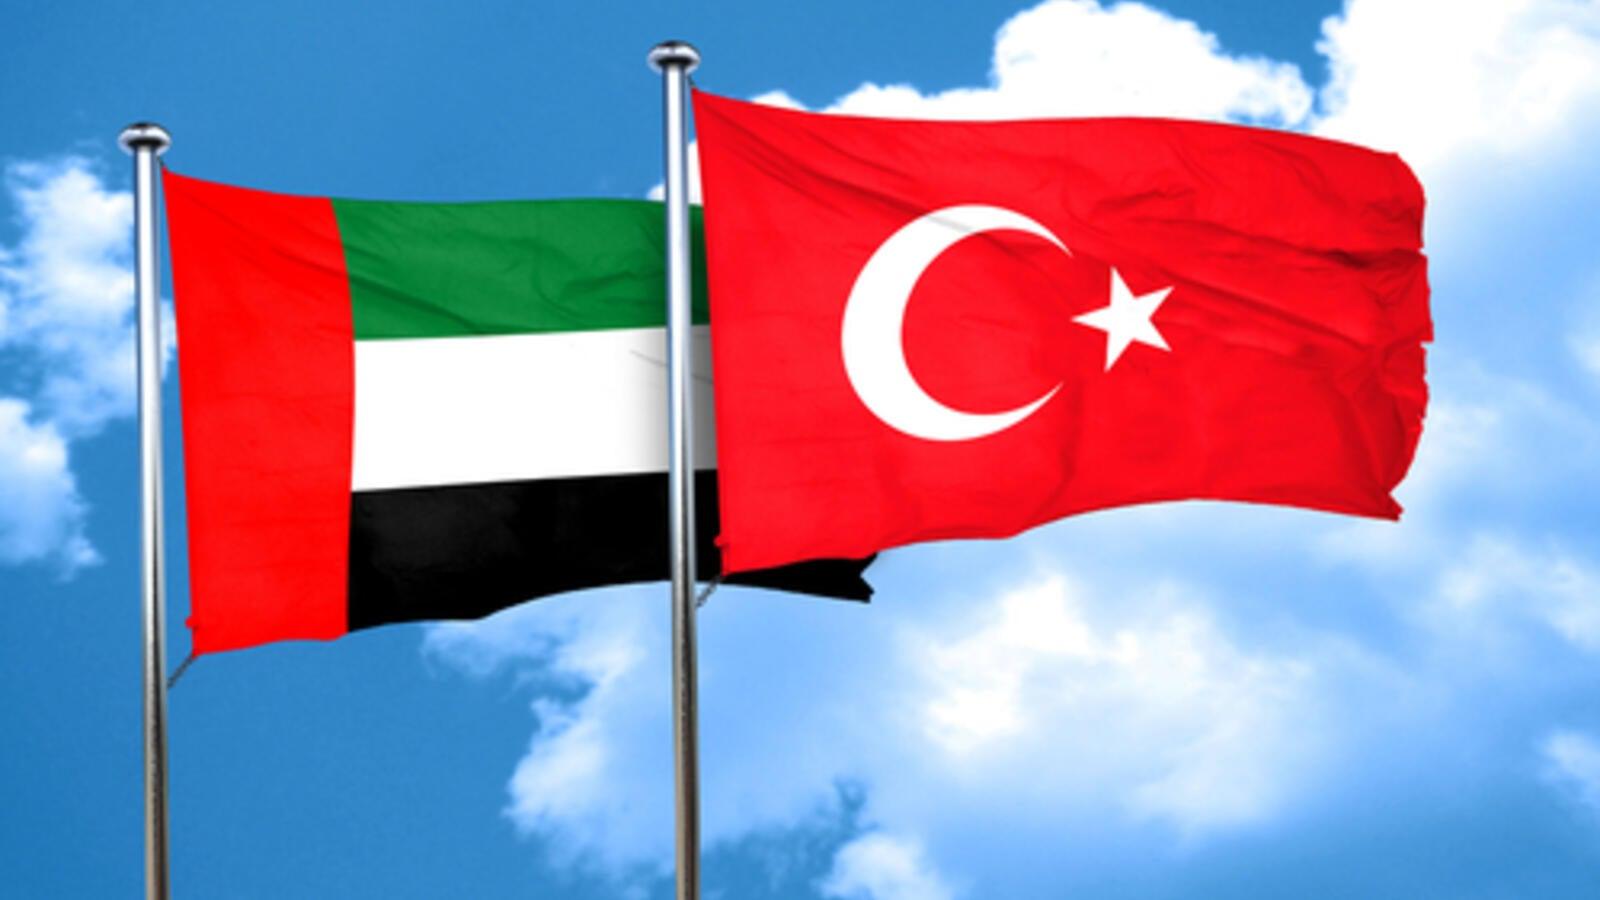 تطور كبير في العلاقات التركية الإماراتية .. اتصال هاتفي بين تشاووش أوغلو وابن زايد